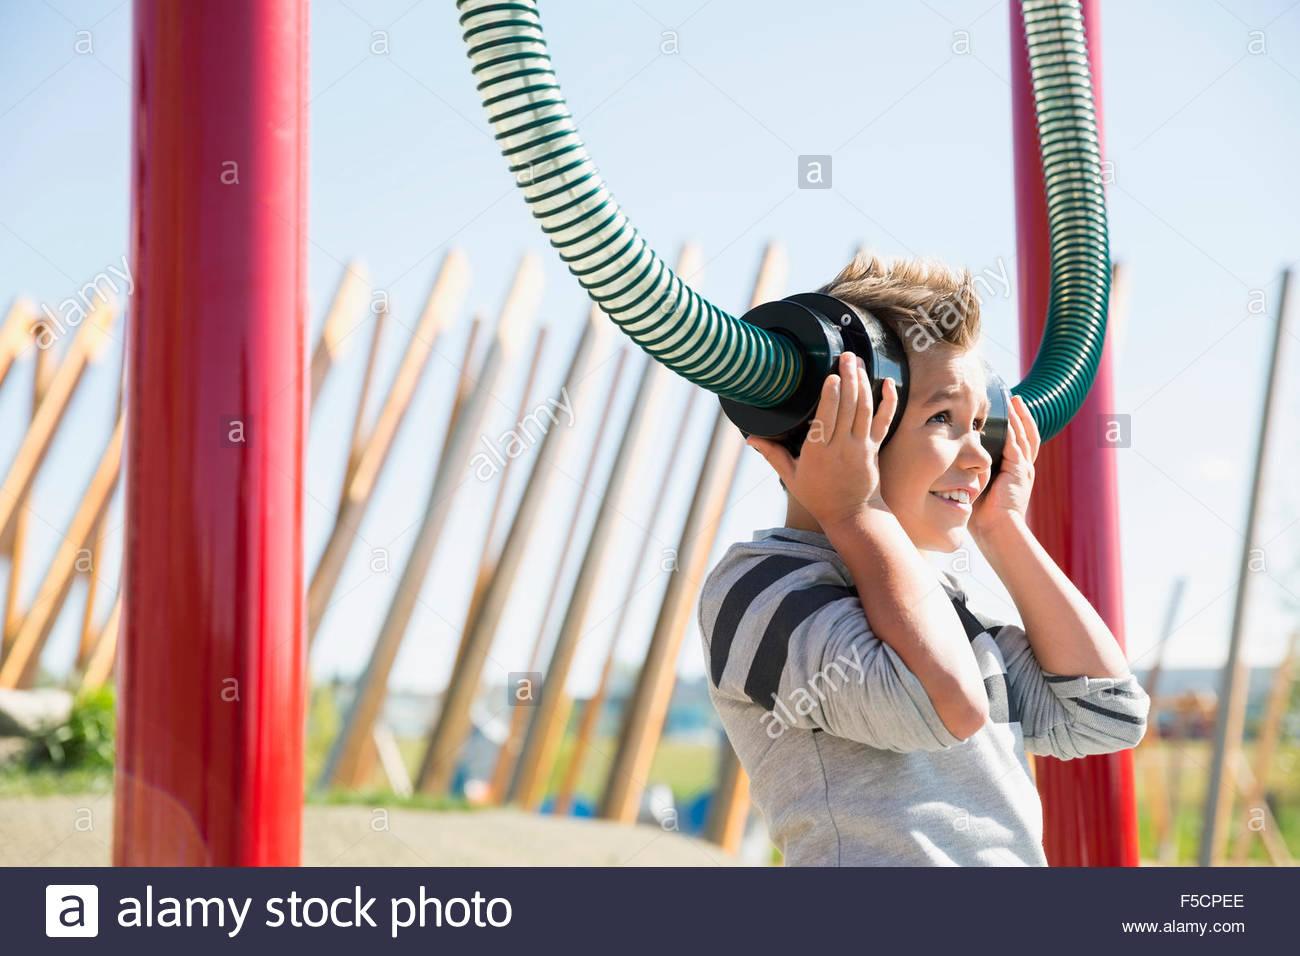 Niño jugando escuchando los tubos en el soleado patio Imagen De Stock